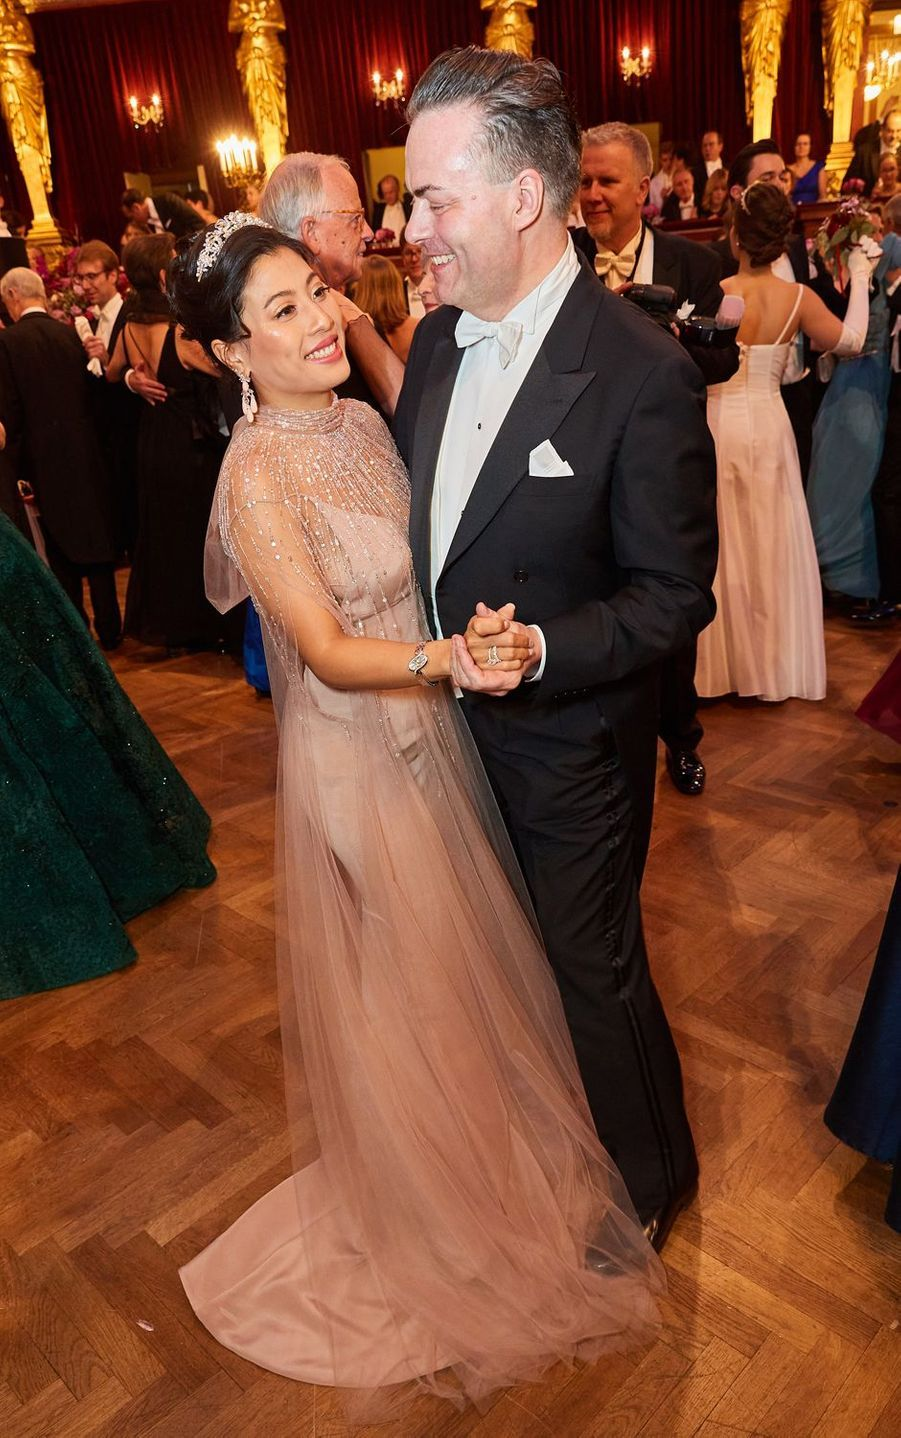 La princesse Sirivannavari Nariratana de Thaïlande avec Daniel Froschauer à Vienne en Autriche, le 23 janvier 2020